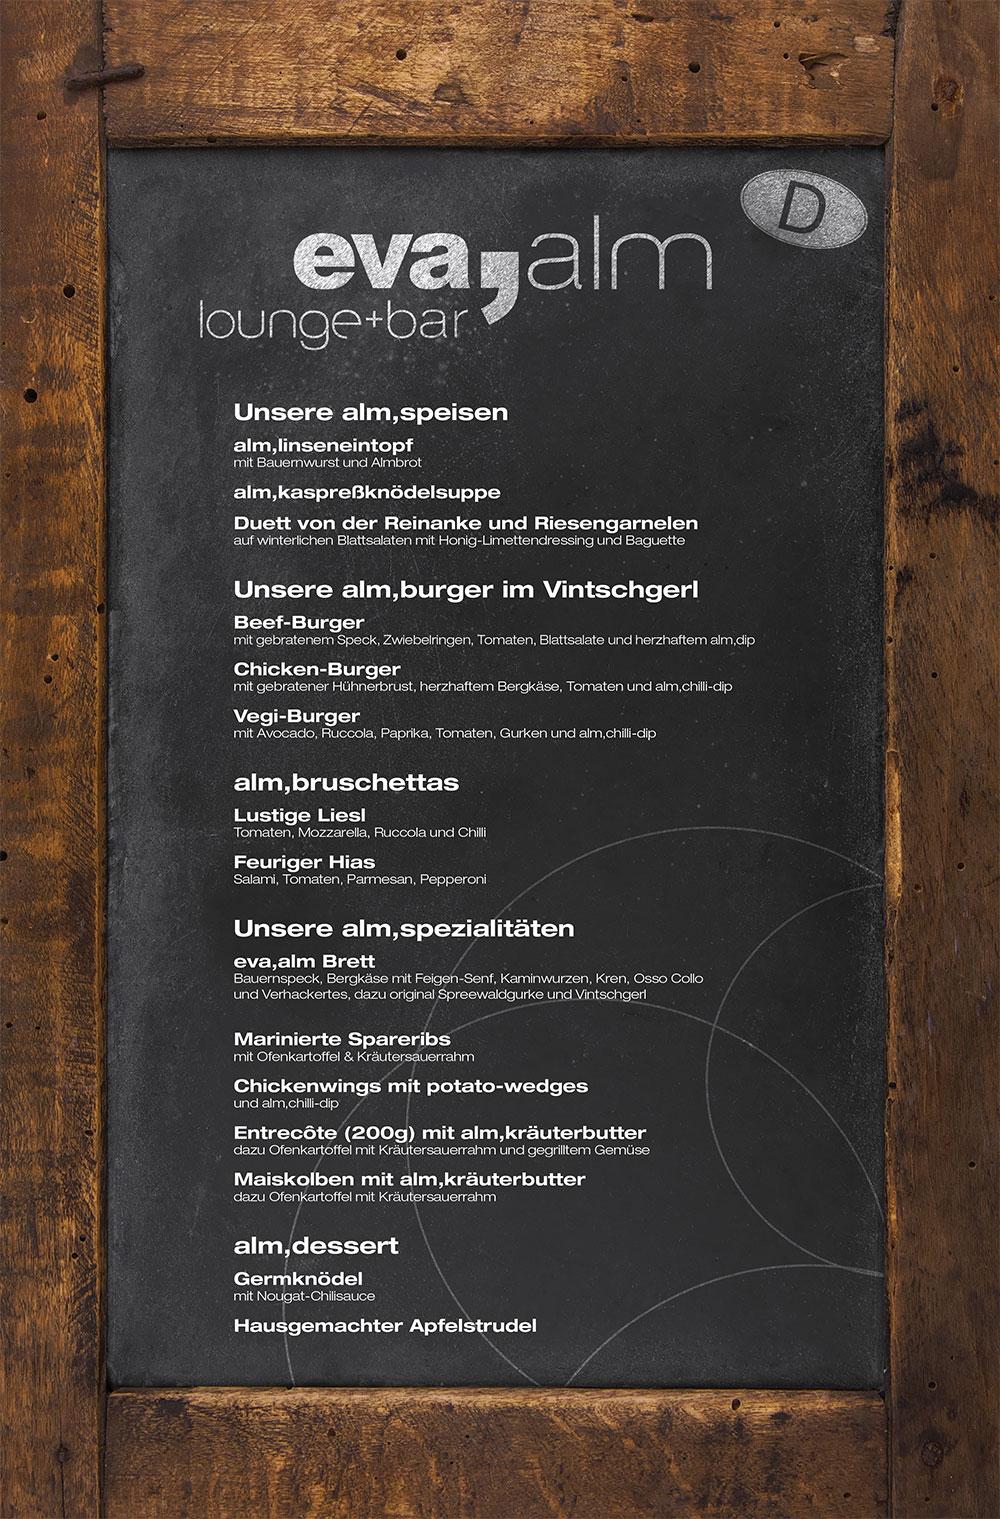 Speisekarte & Getränkekarte in der Eva Alm - eva, Hotels